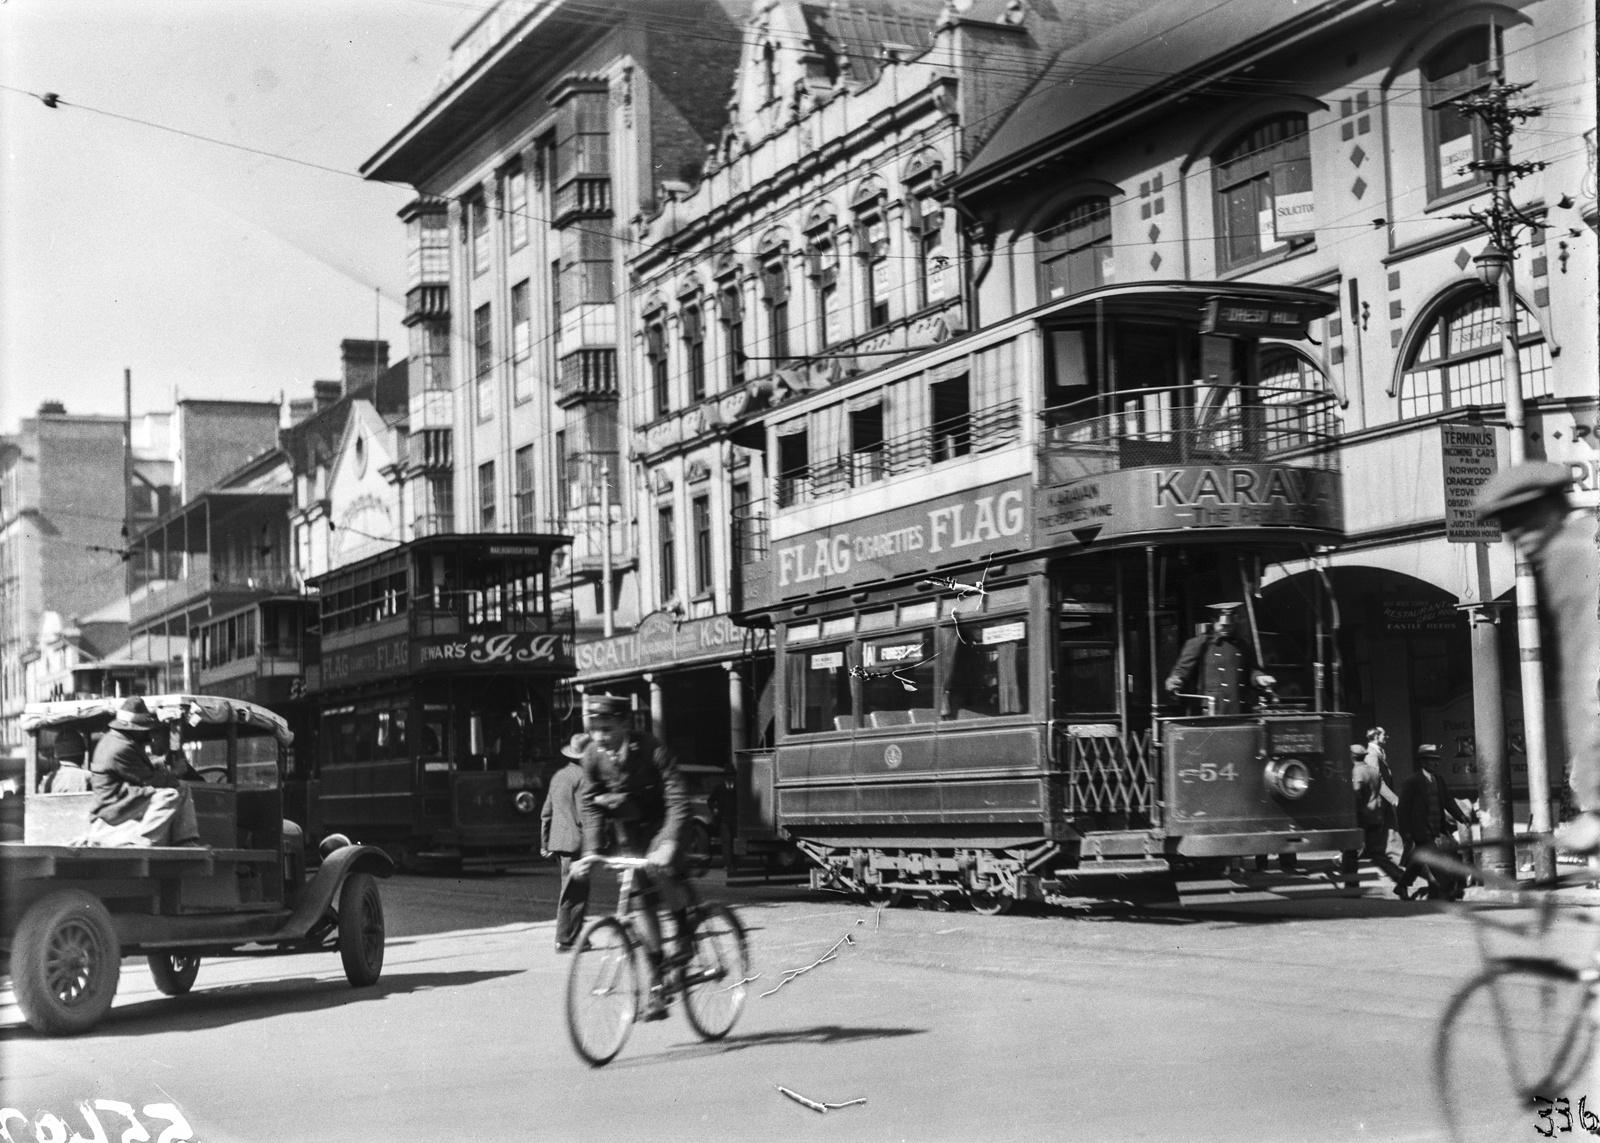 Южно-Африканский Союз. Йоханнесбург. Трамвай на оживленной улице